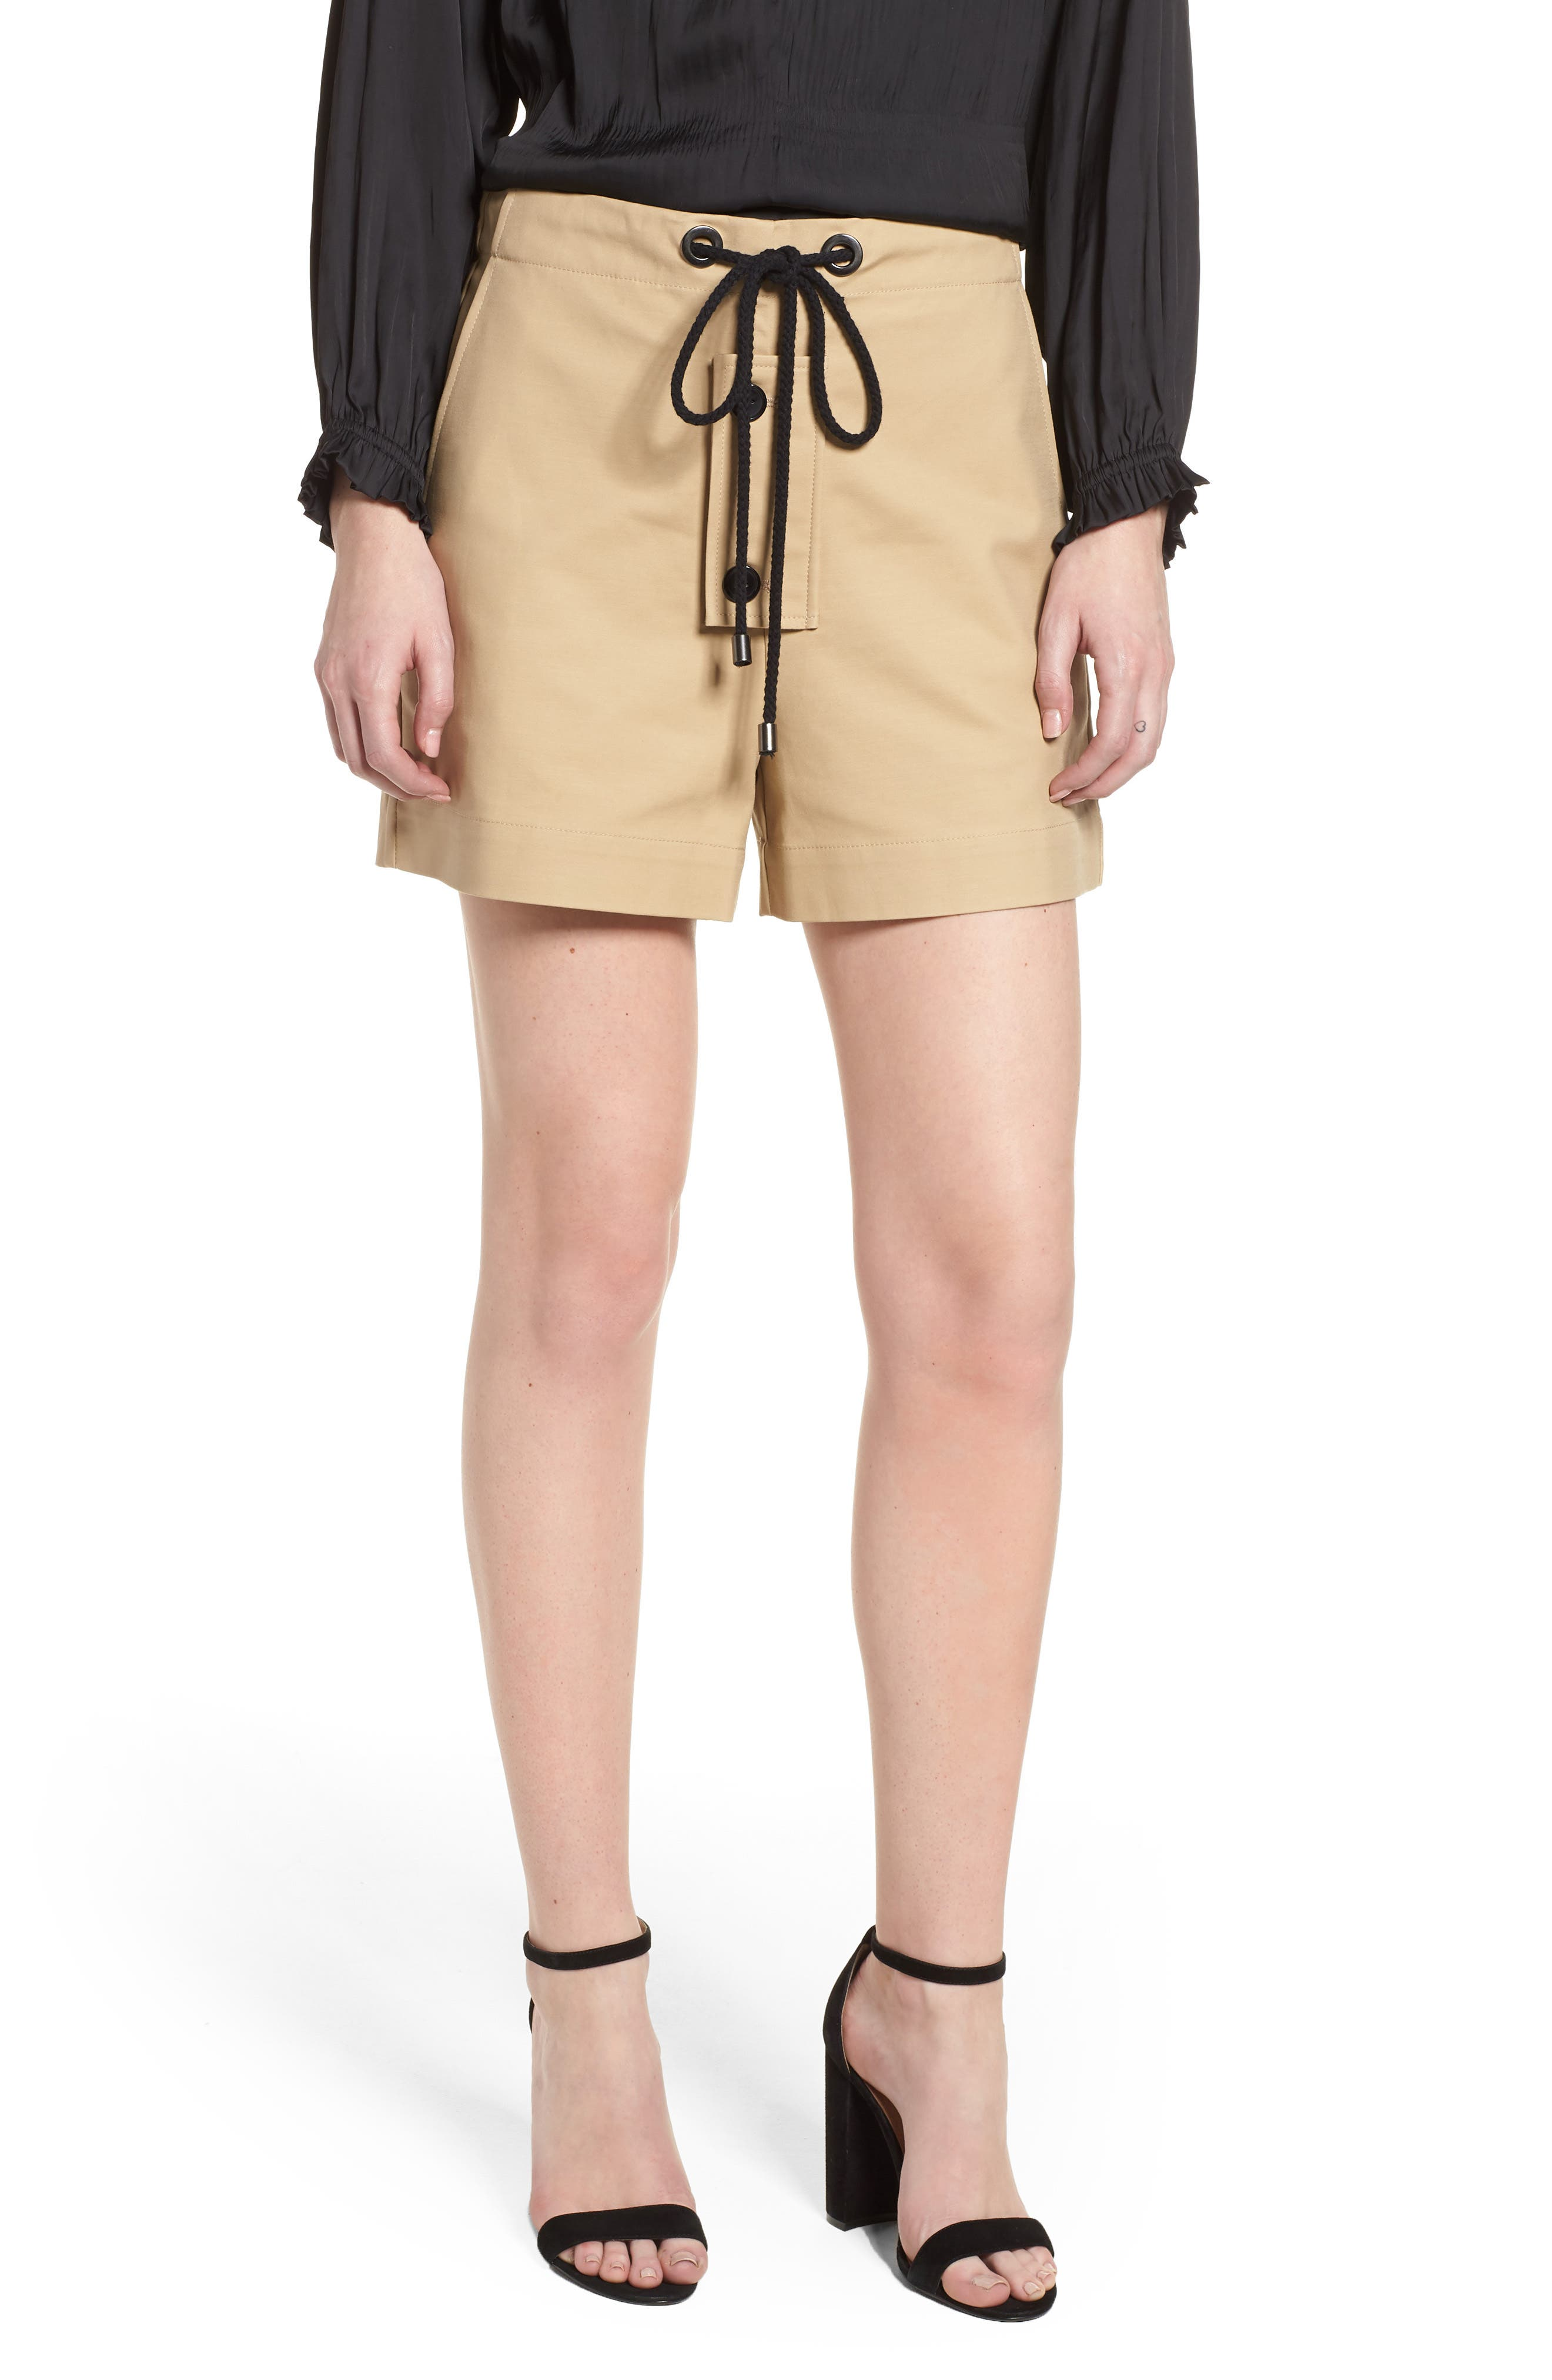 Park South Shorts,                             Main thumbnail 1, color,                             Beige